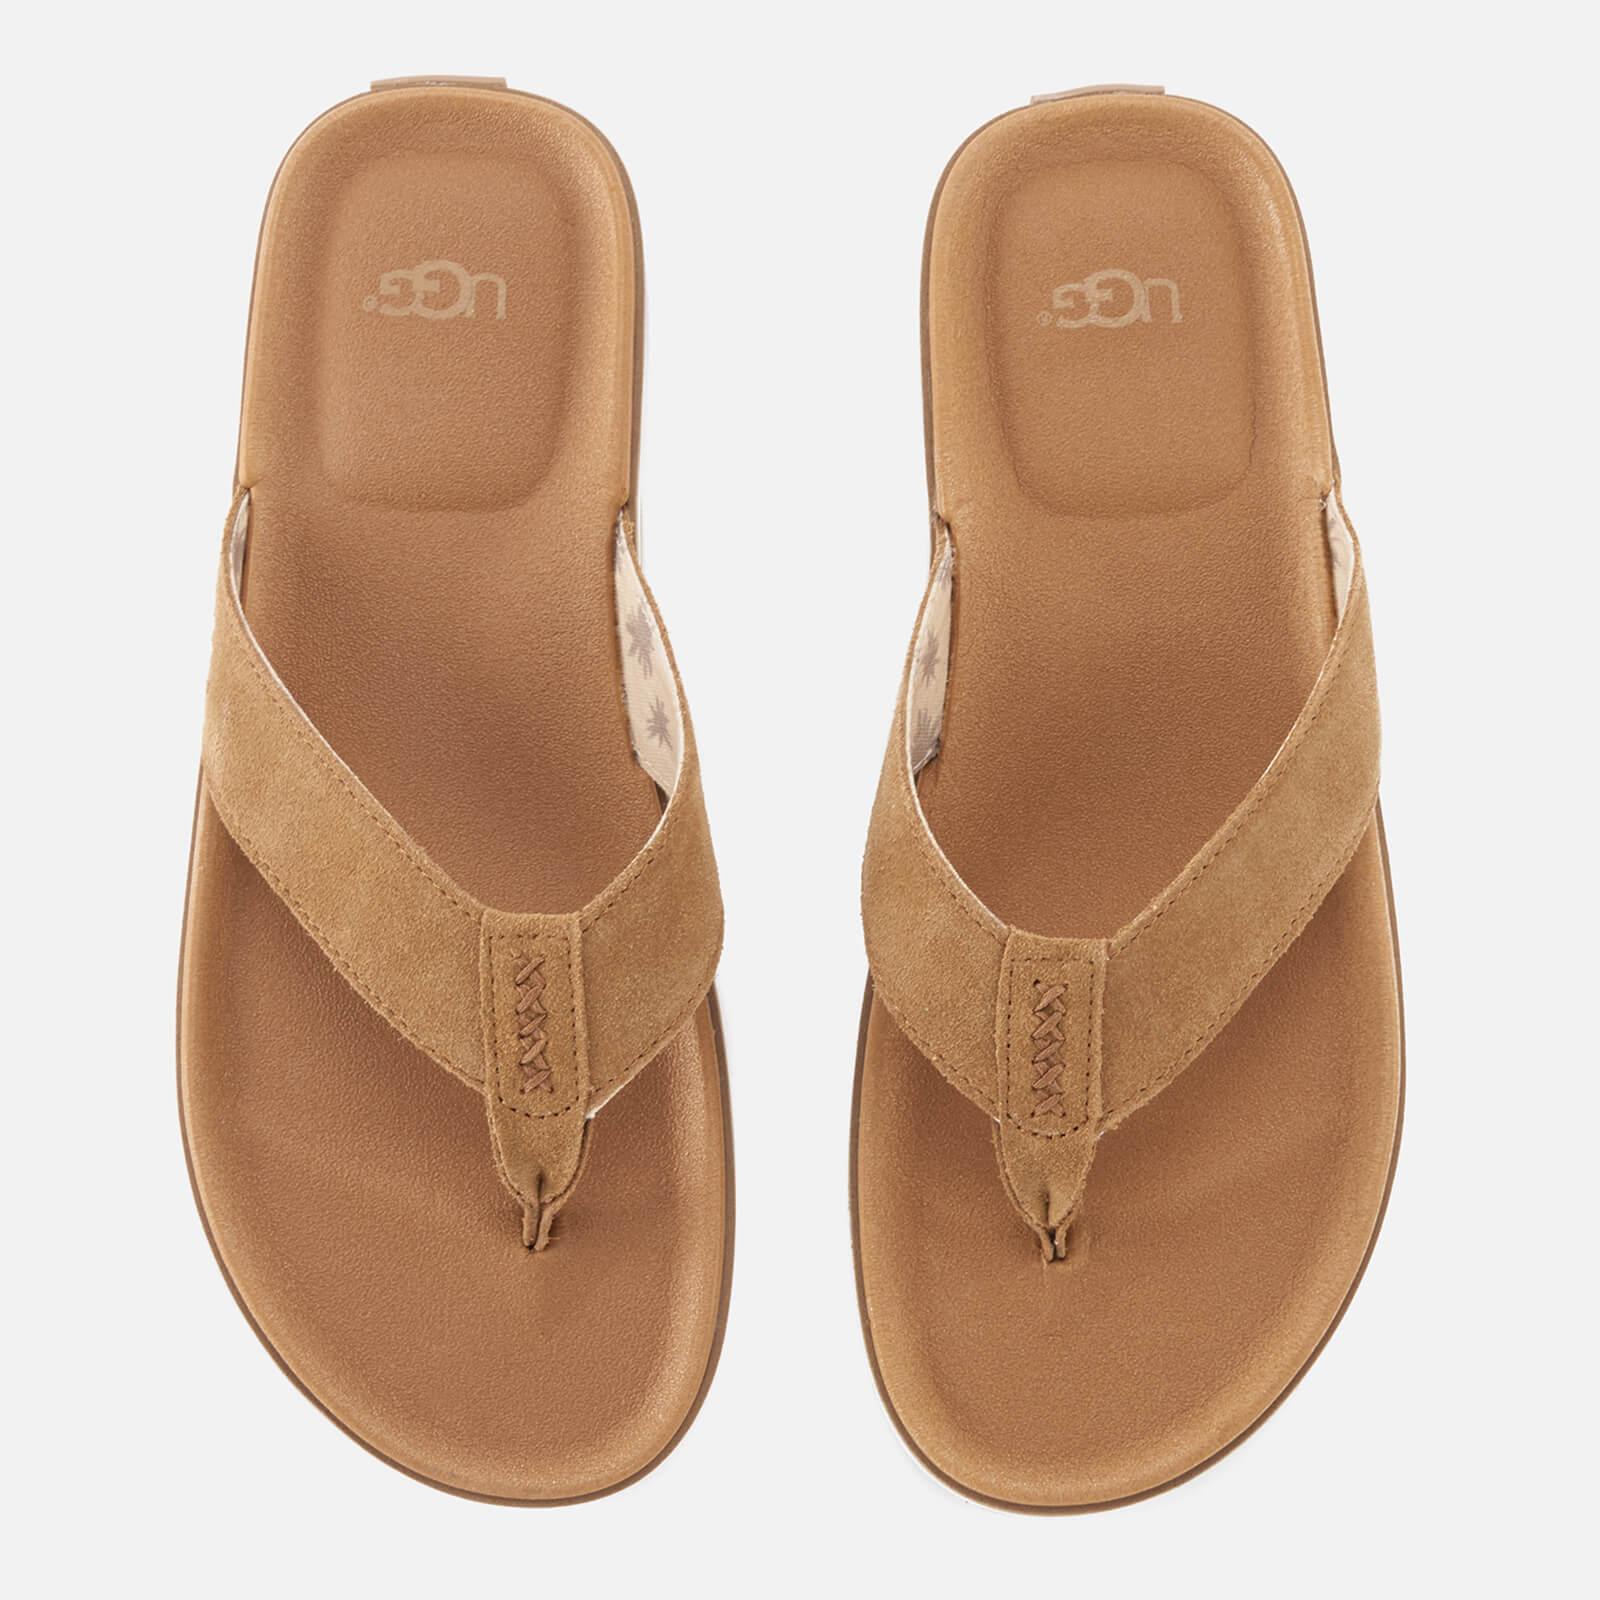 09bff514794 UGG Men's Braven Flip Flops - Chestnut